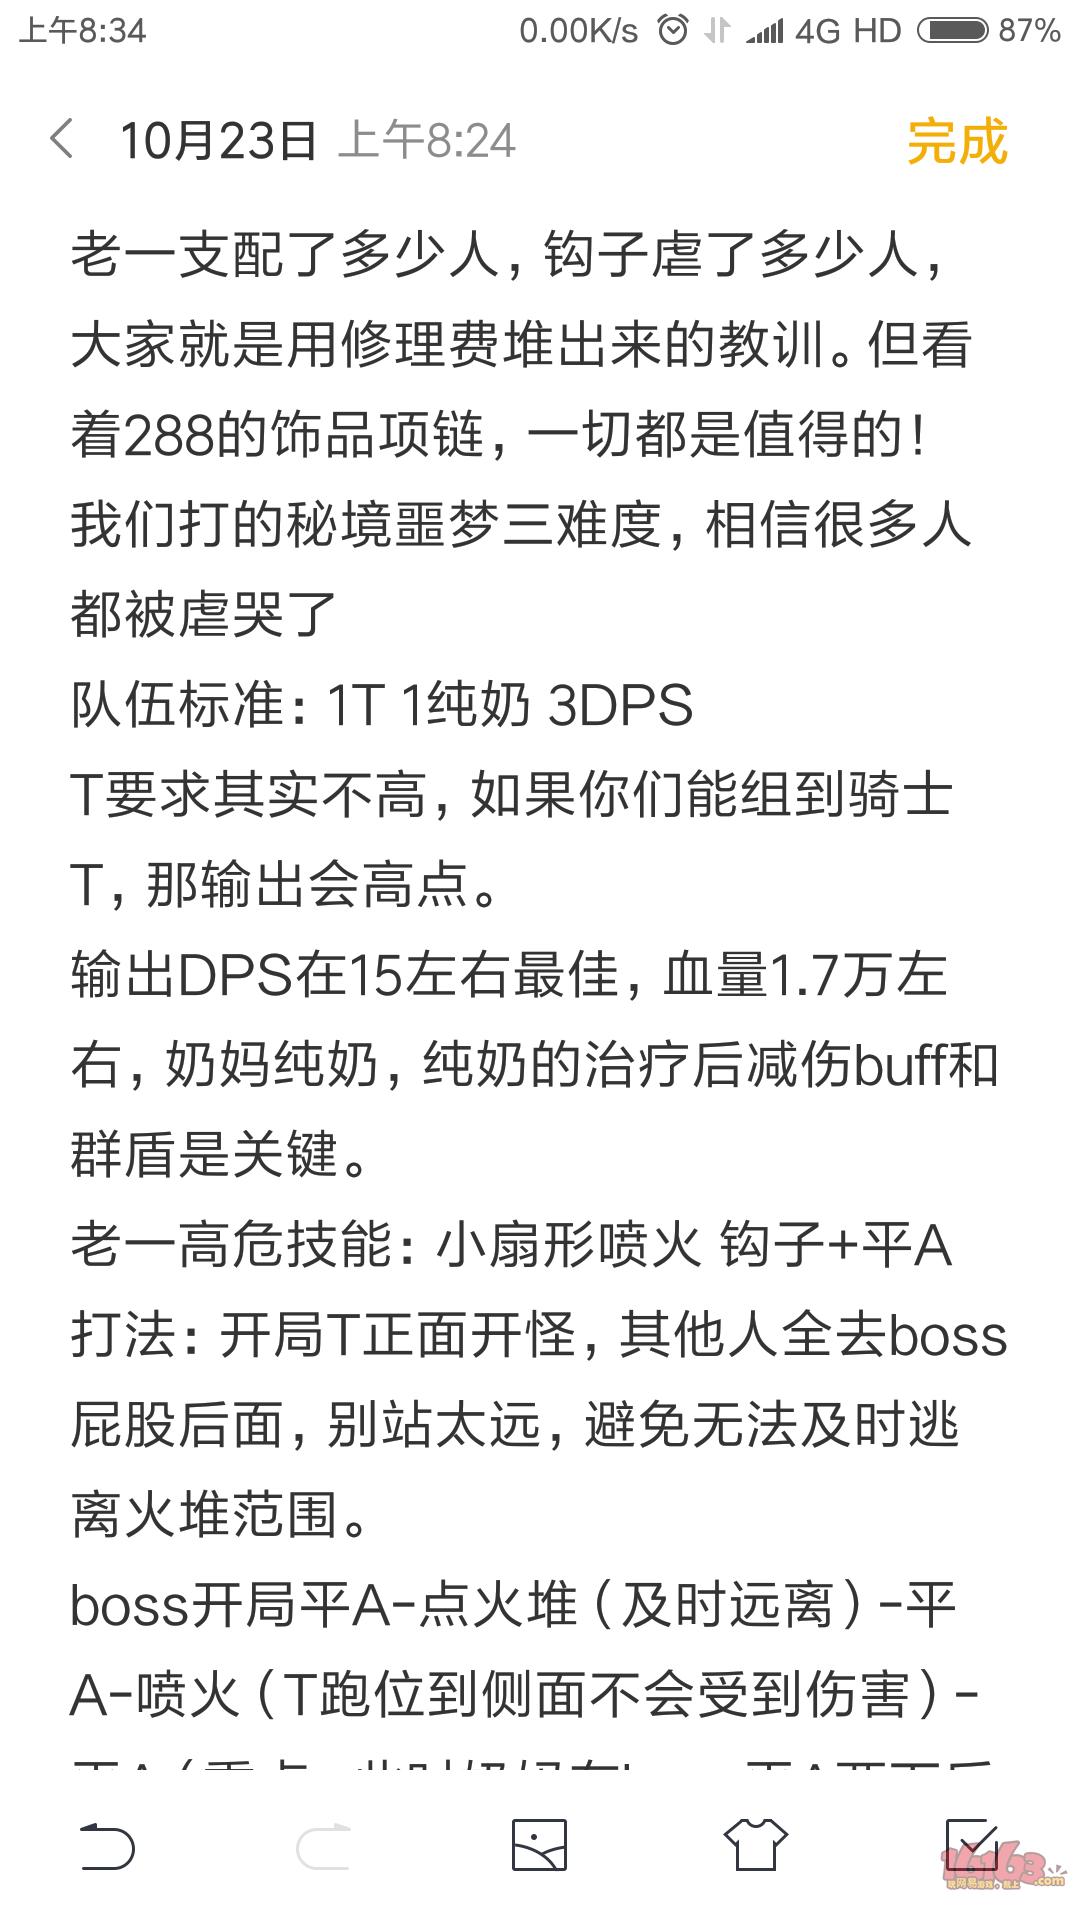 Screenshot_2017-10-23-08-34-57-007_com.miui.notes.png